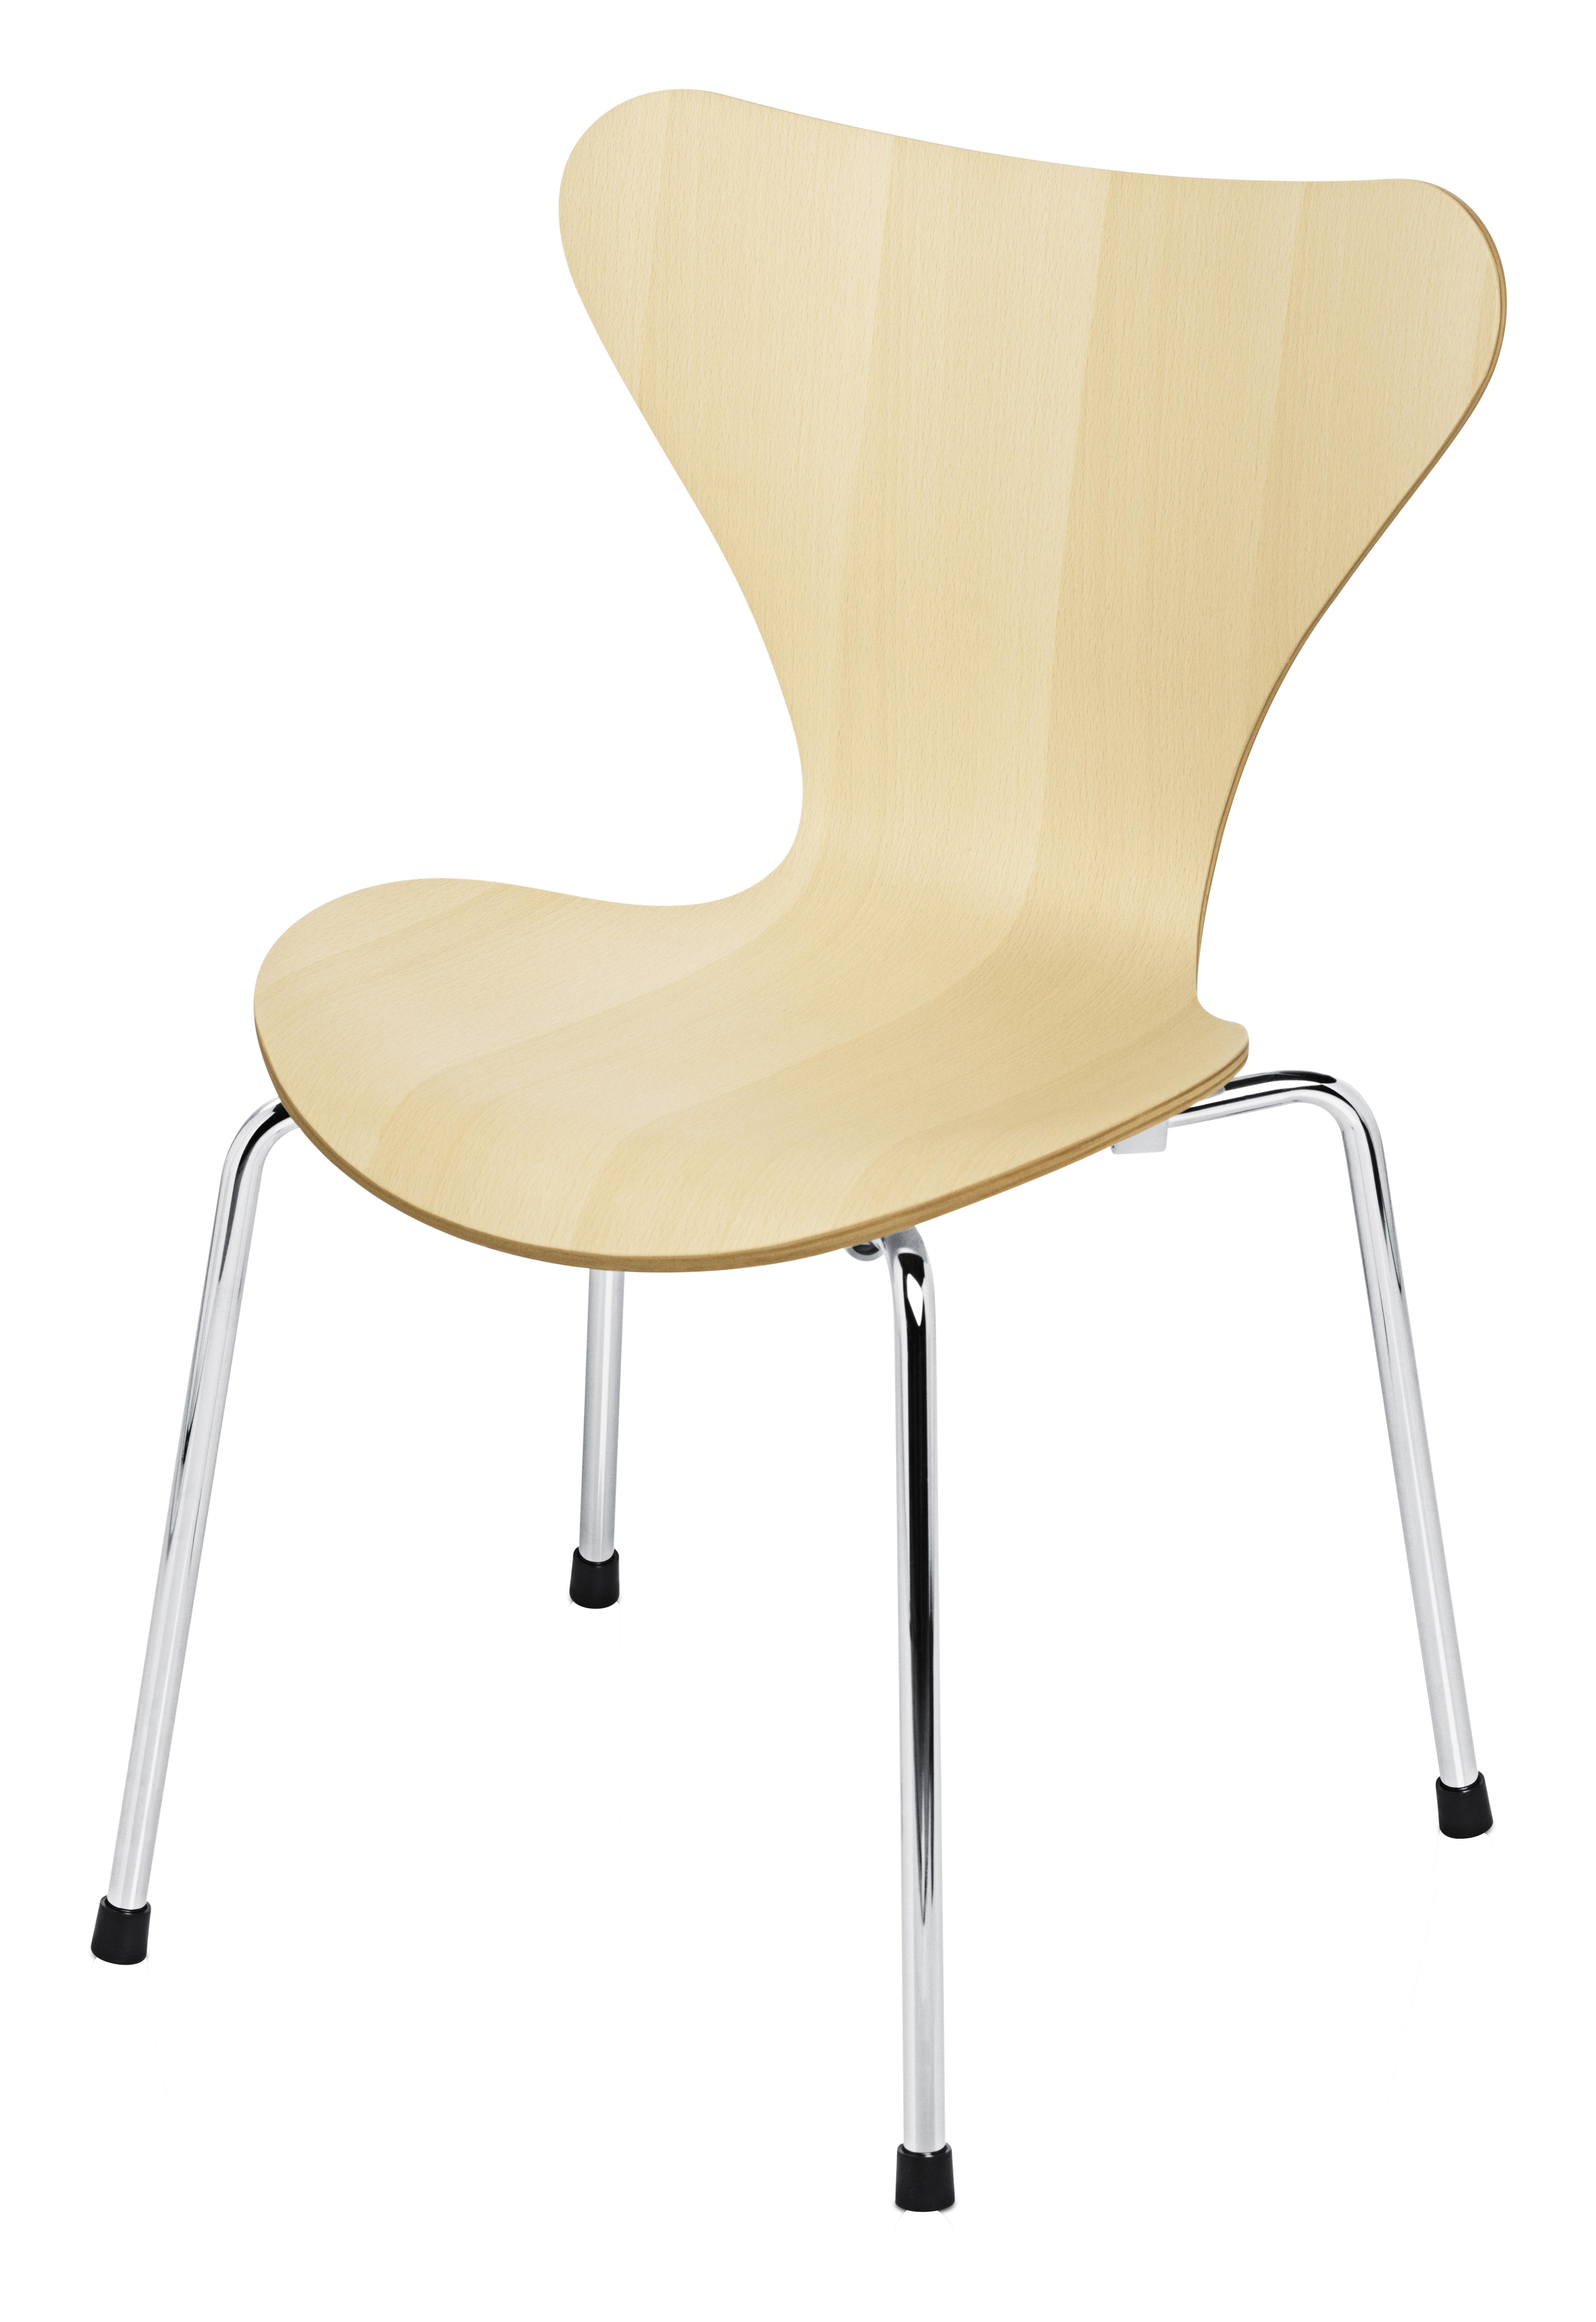 chaise enfant s rie 7 bois naturel h tre fritz hansen. Black Bedroom Furniture Sets. Home Design Ideas